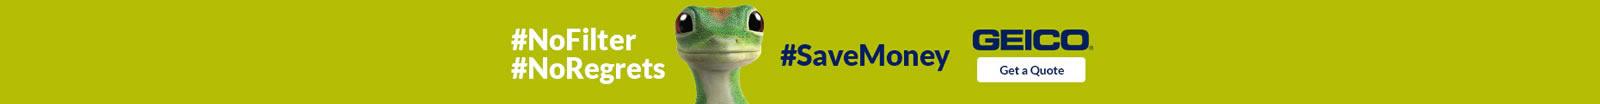 GEICO web hashtag banner